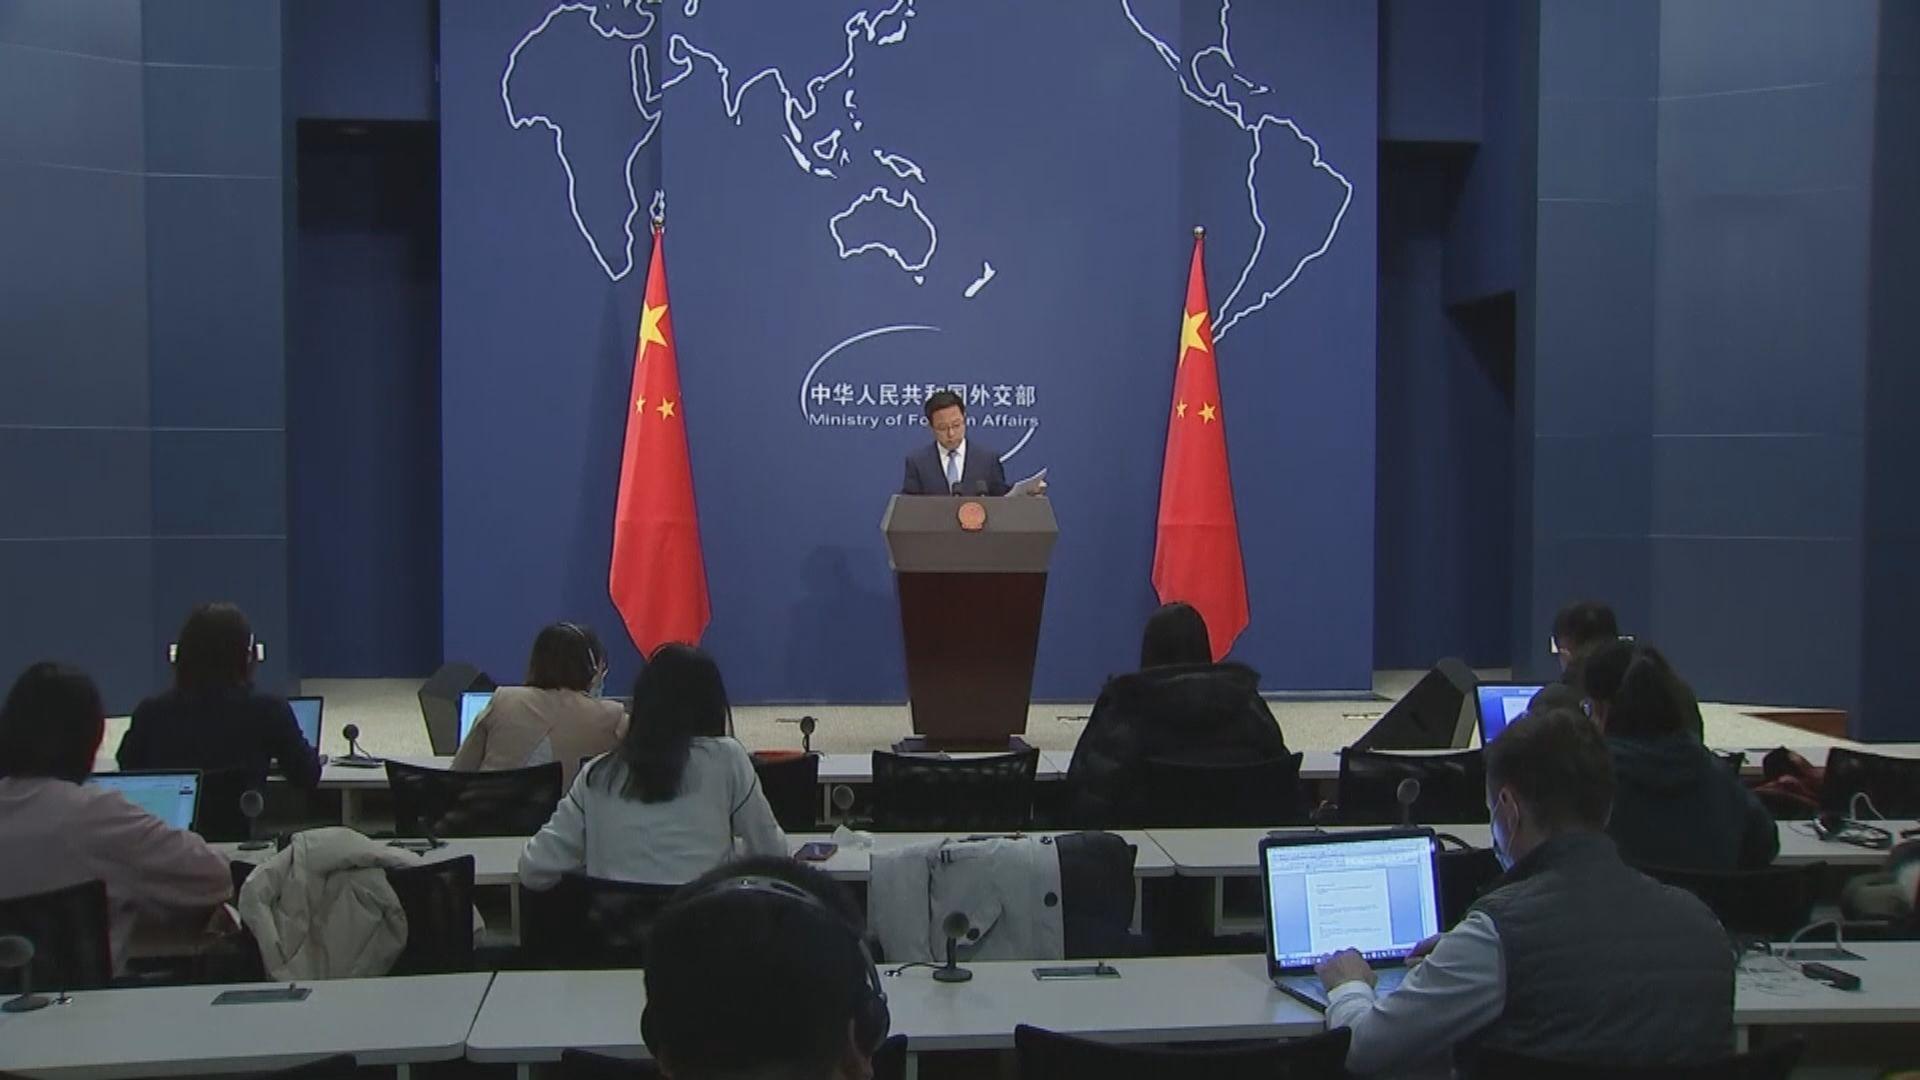 外交部:中方與世衛加強合作 積極參與追溯病源頭